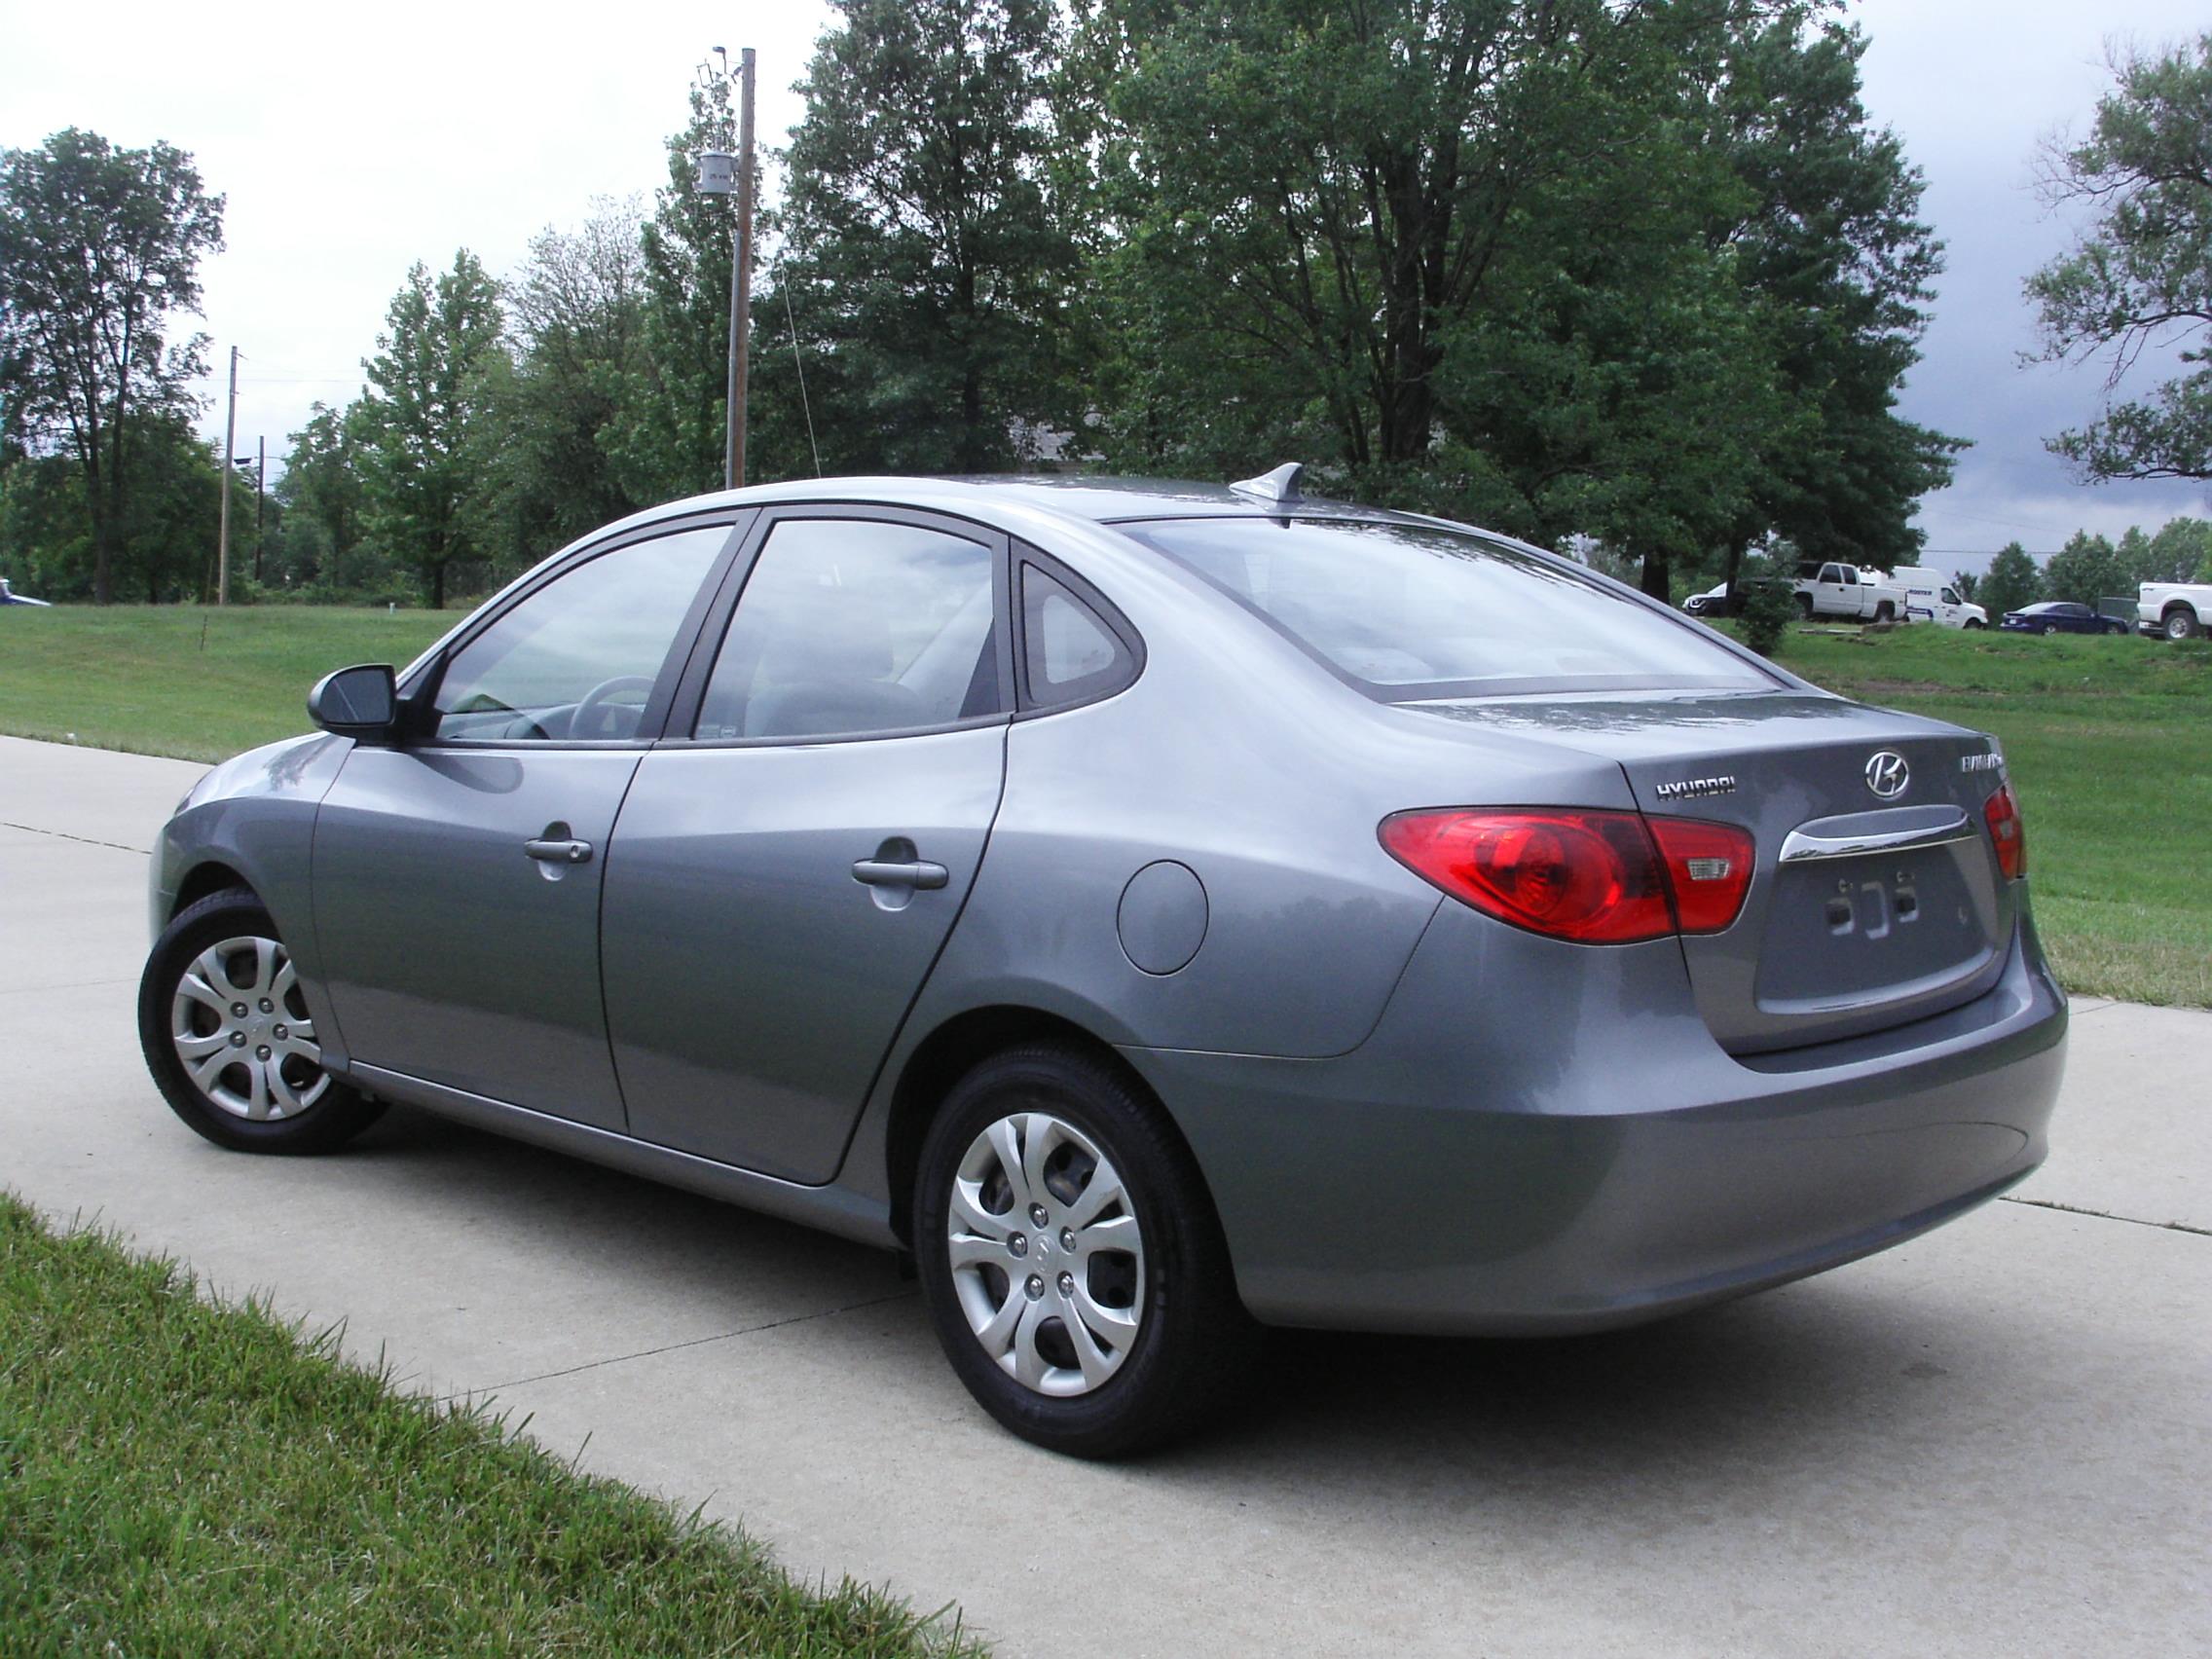 2010 Hyundai Elantra Blue - CoMoMotors